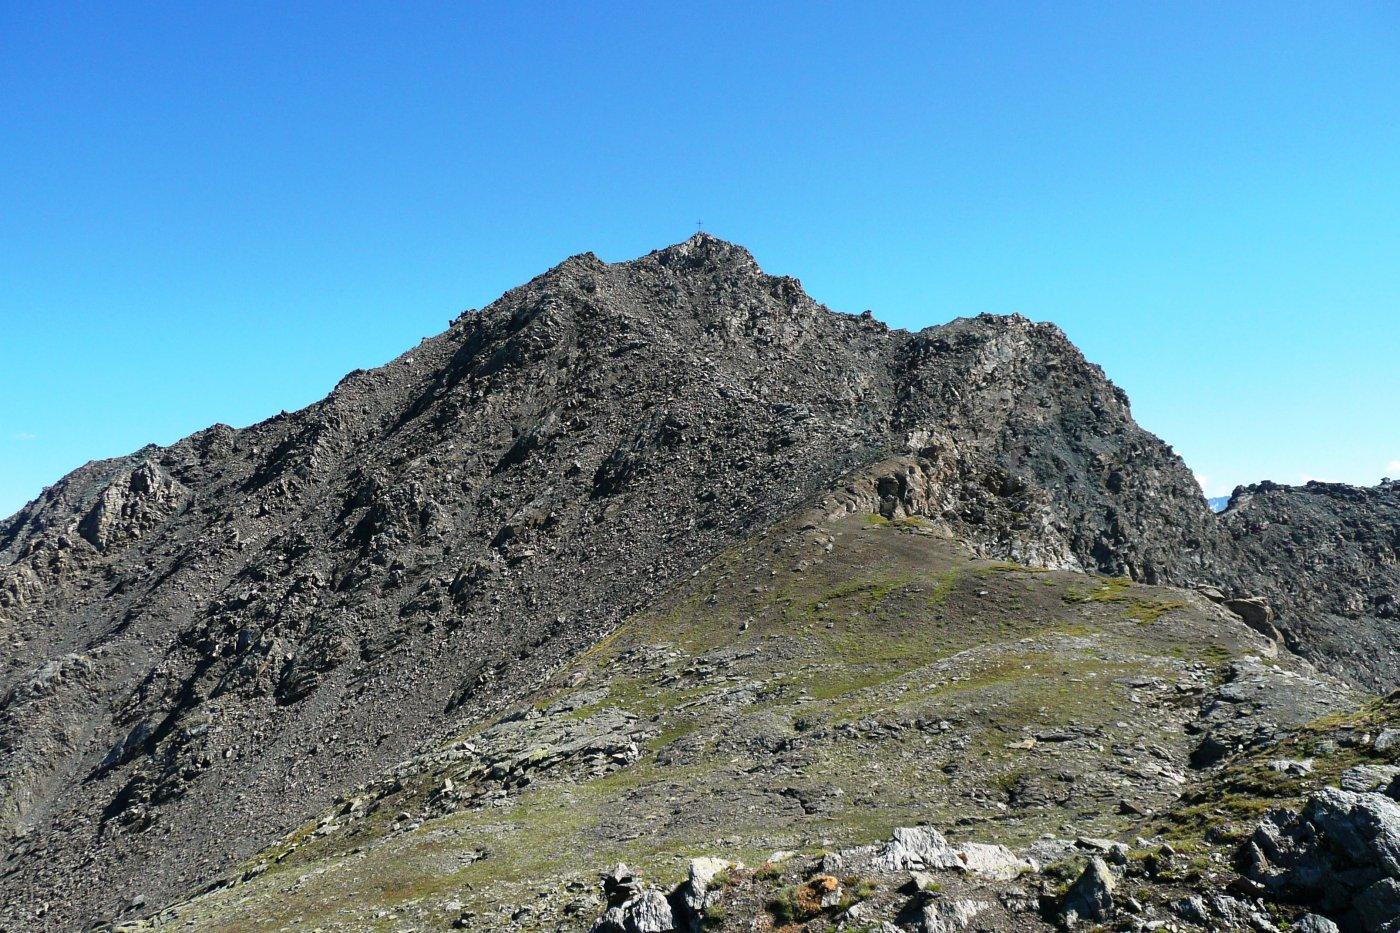 il percorso di ritorno per la cresta nord, primo tratto abbastanza impegnativo, dal ripiano della Testa Nera